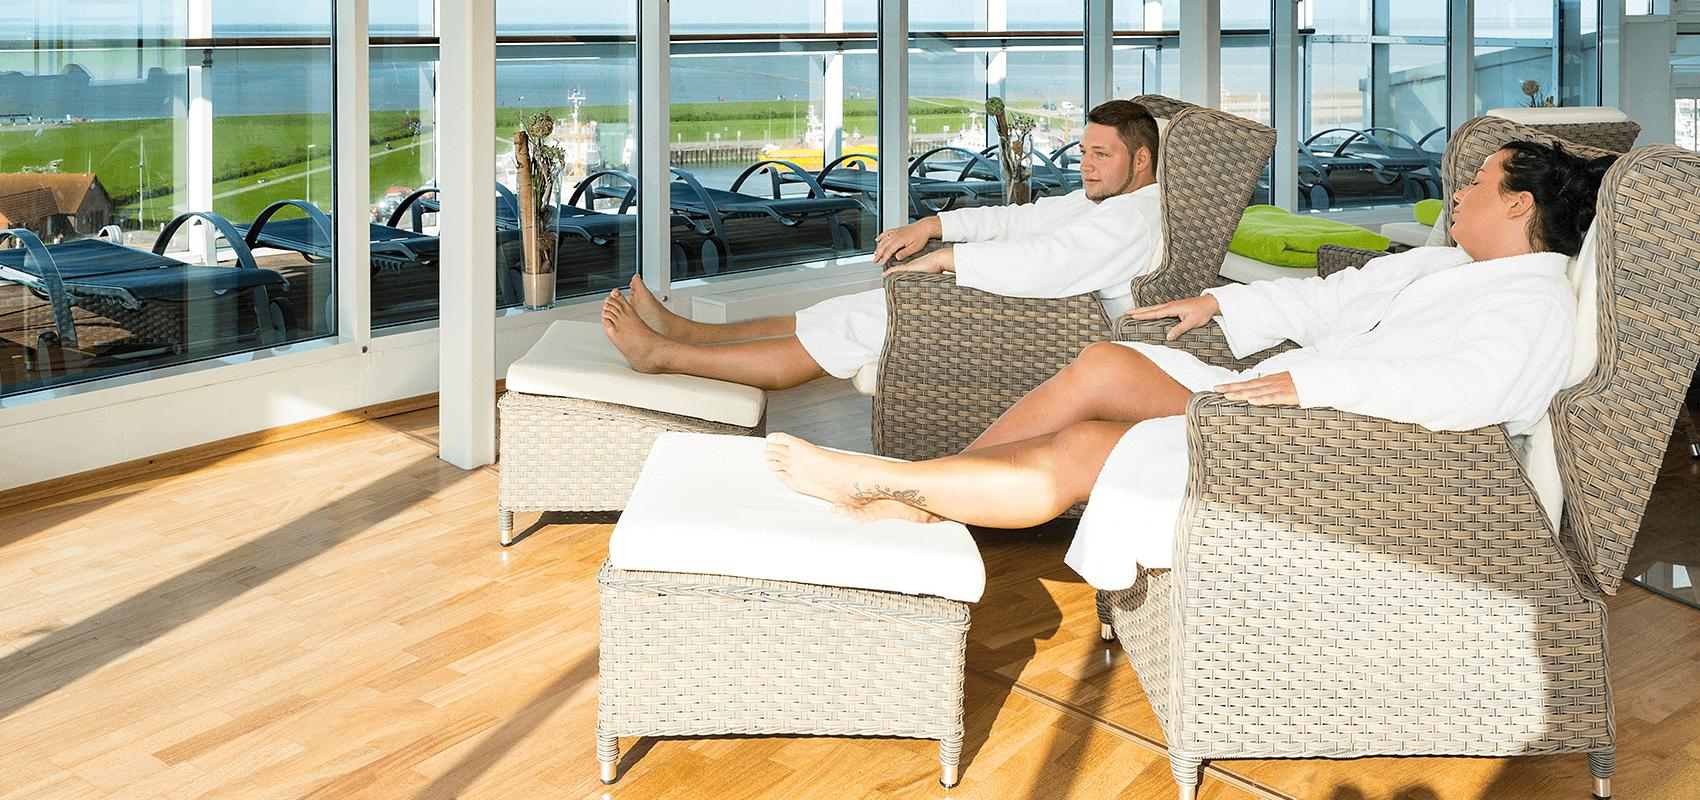 Pärchen ruht sich in bequemen Sesseln auf dem Wellnessdeck aus